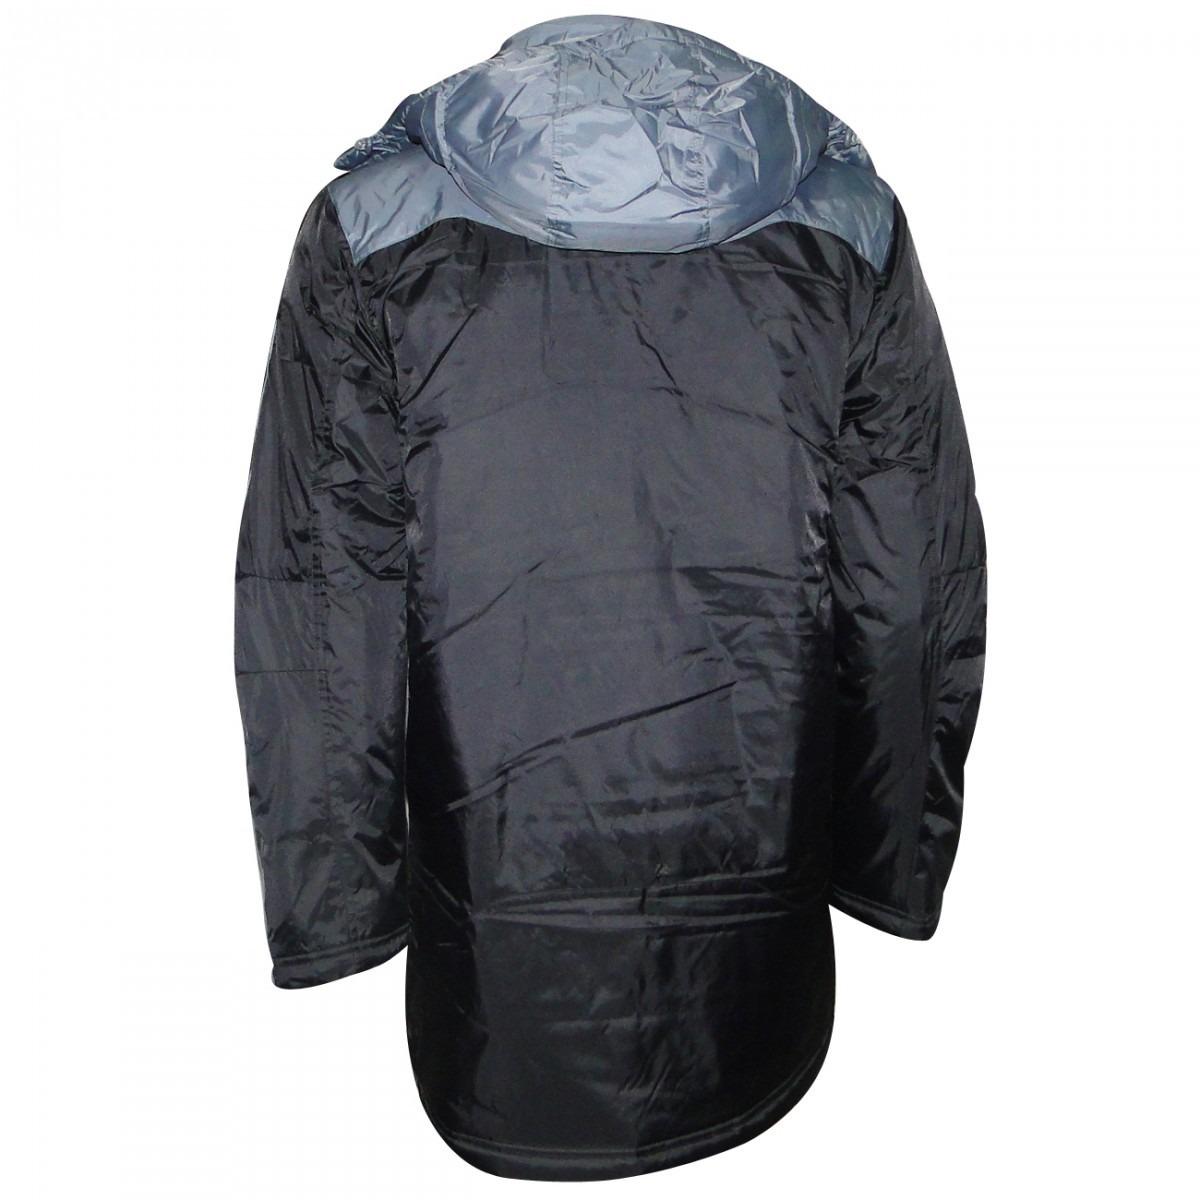 8c543355e5b7 jaqueta masculina adidas stadium parka x11387 promoção. Carregando zoom.